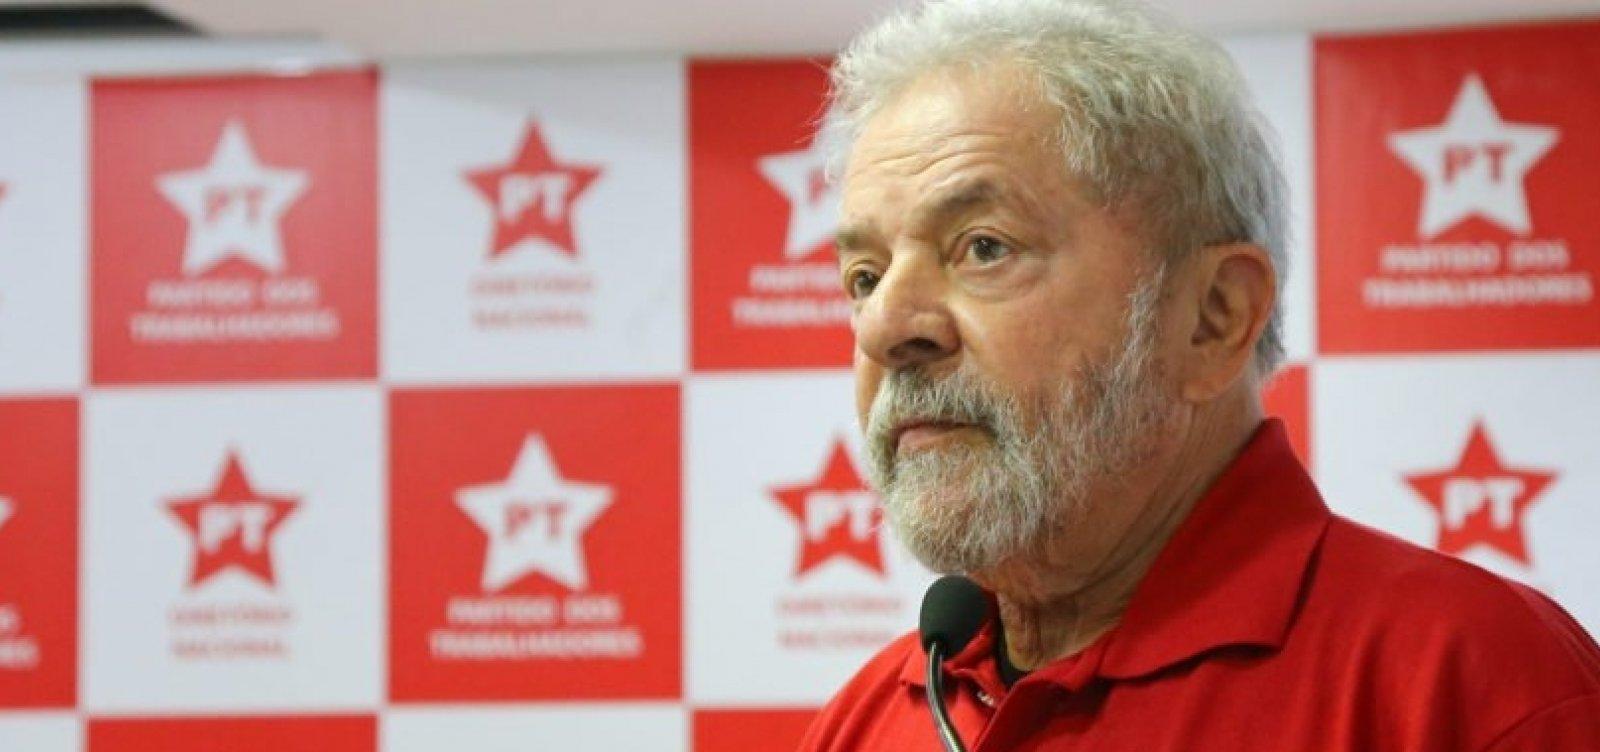 [Juíza ainda não decidiu se permitirá que Lula grave vídeos na prisão]